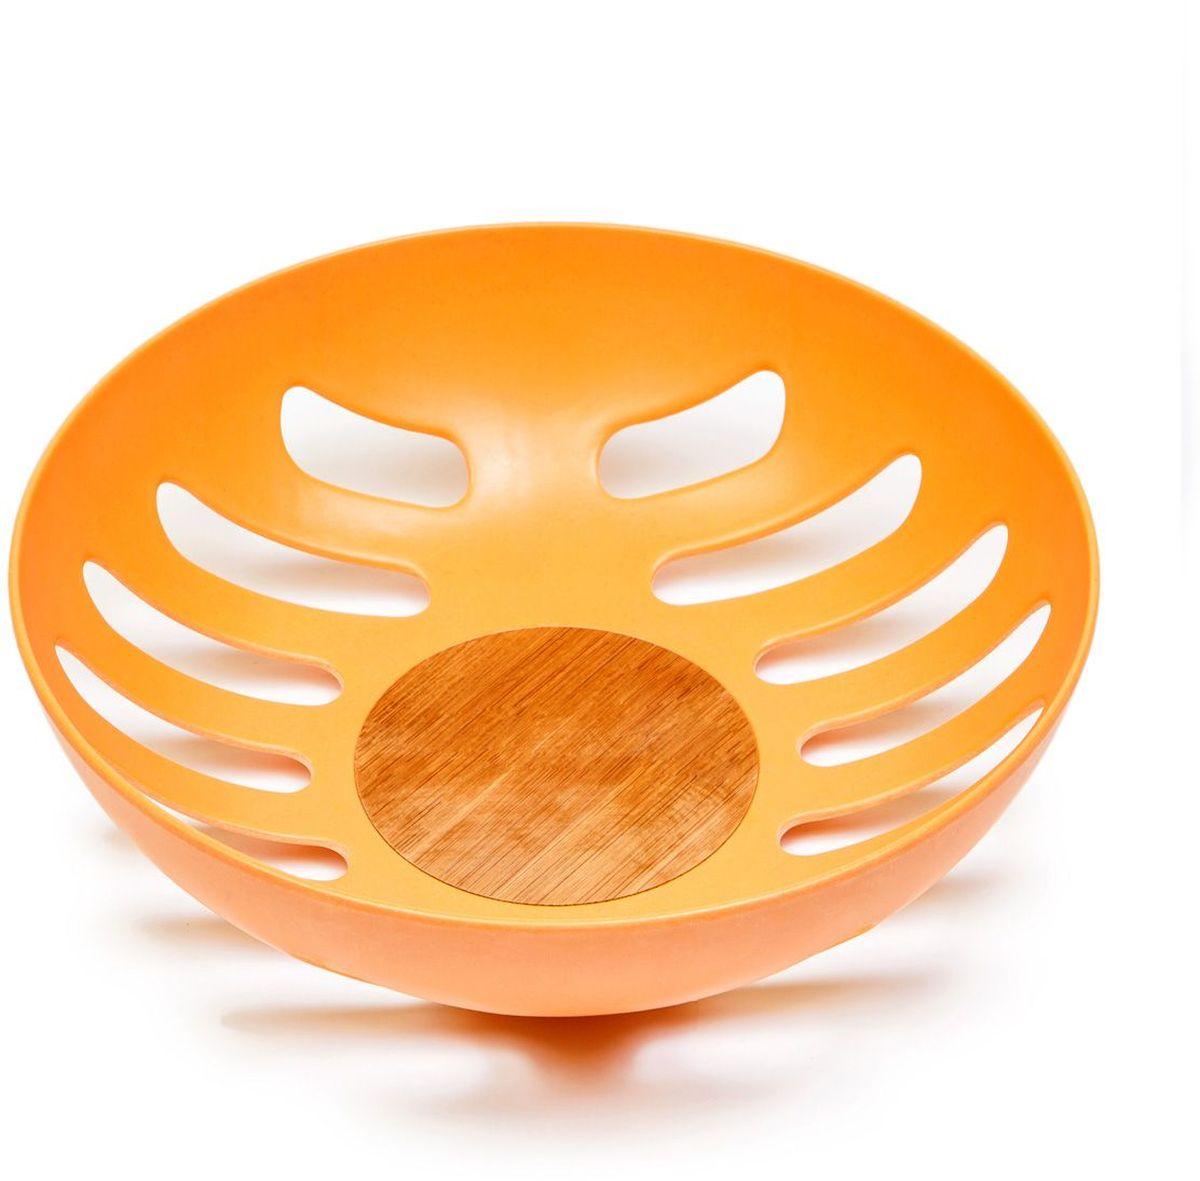 Фруктовница MoulinVilla, цвет: оранжевый, 21,8 х 21,8 х 6,3 см115510Фруктовница MOULINvilla, изготовленная из природного бамбука, очищенного от вредных примесей идеально подходит для хранения и красивой сервировки любых фруктов. Для окраски используются натуральные пищевые красители. Бамбук, сам по себе, является природным антисептиком. Эта уникальная особенность посуды гарантирует безопасность при эксплуатации и хранении различных видов пищевой продукции. Можно мыть в посудомоечной машине.